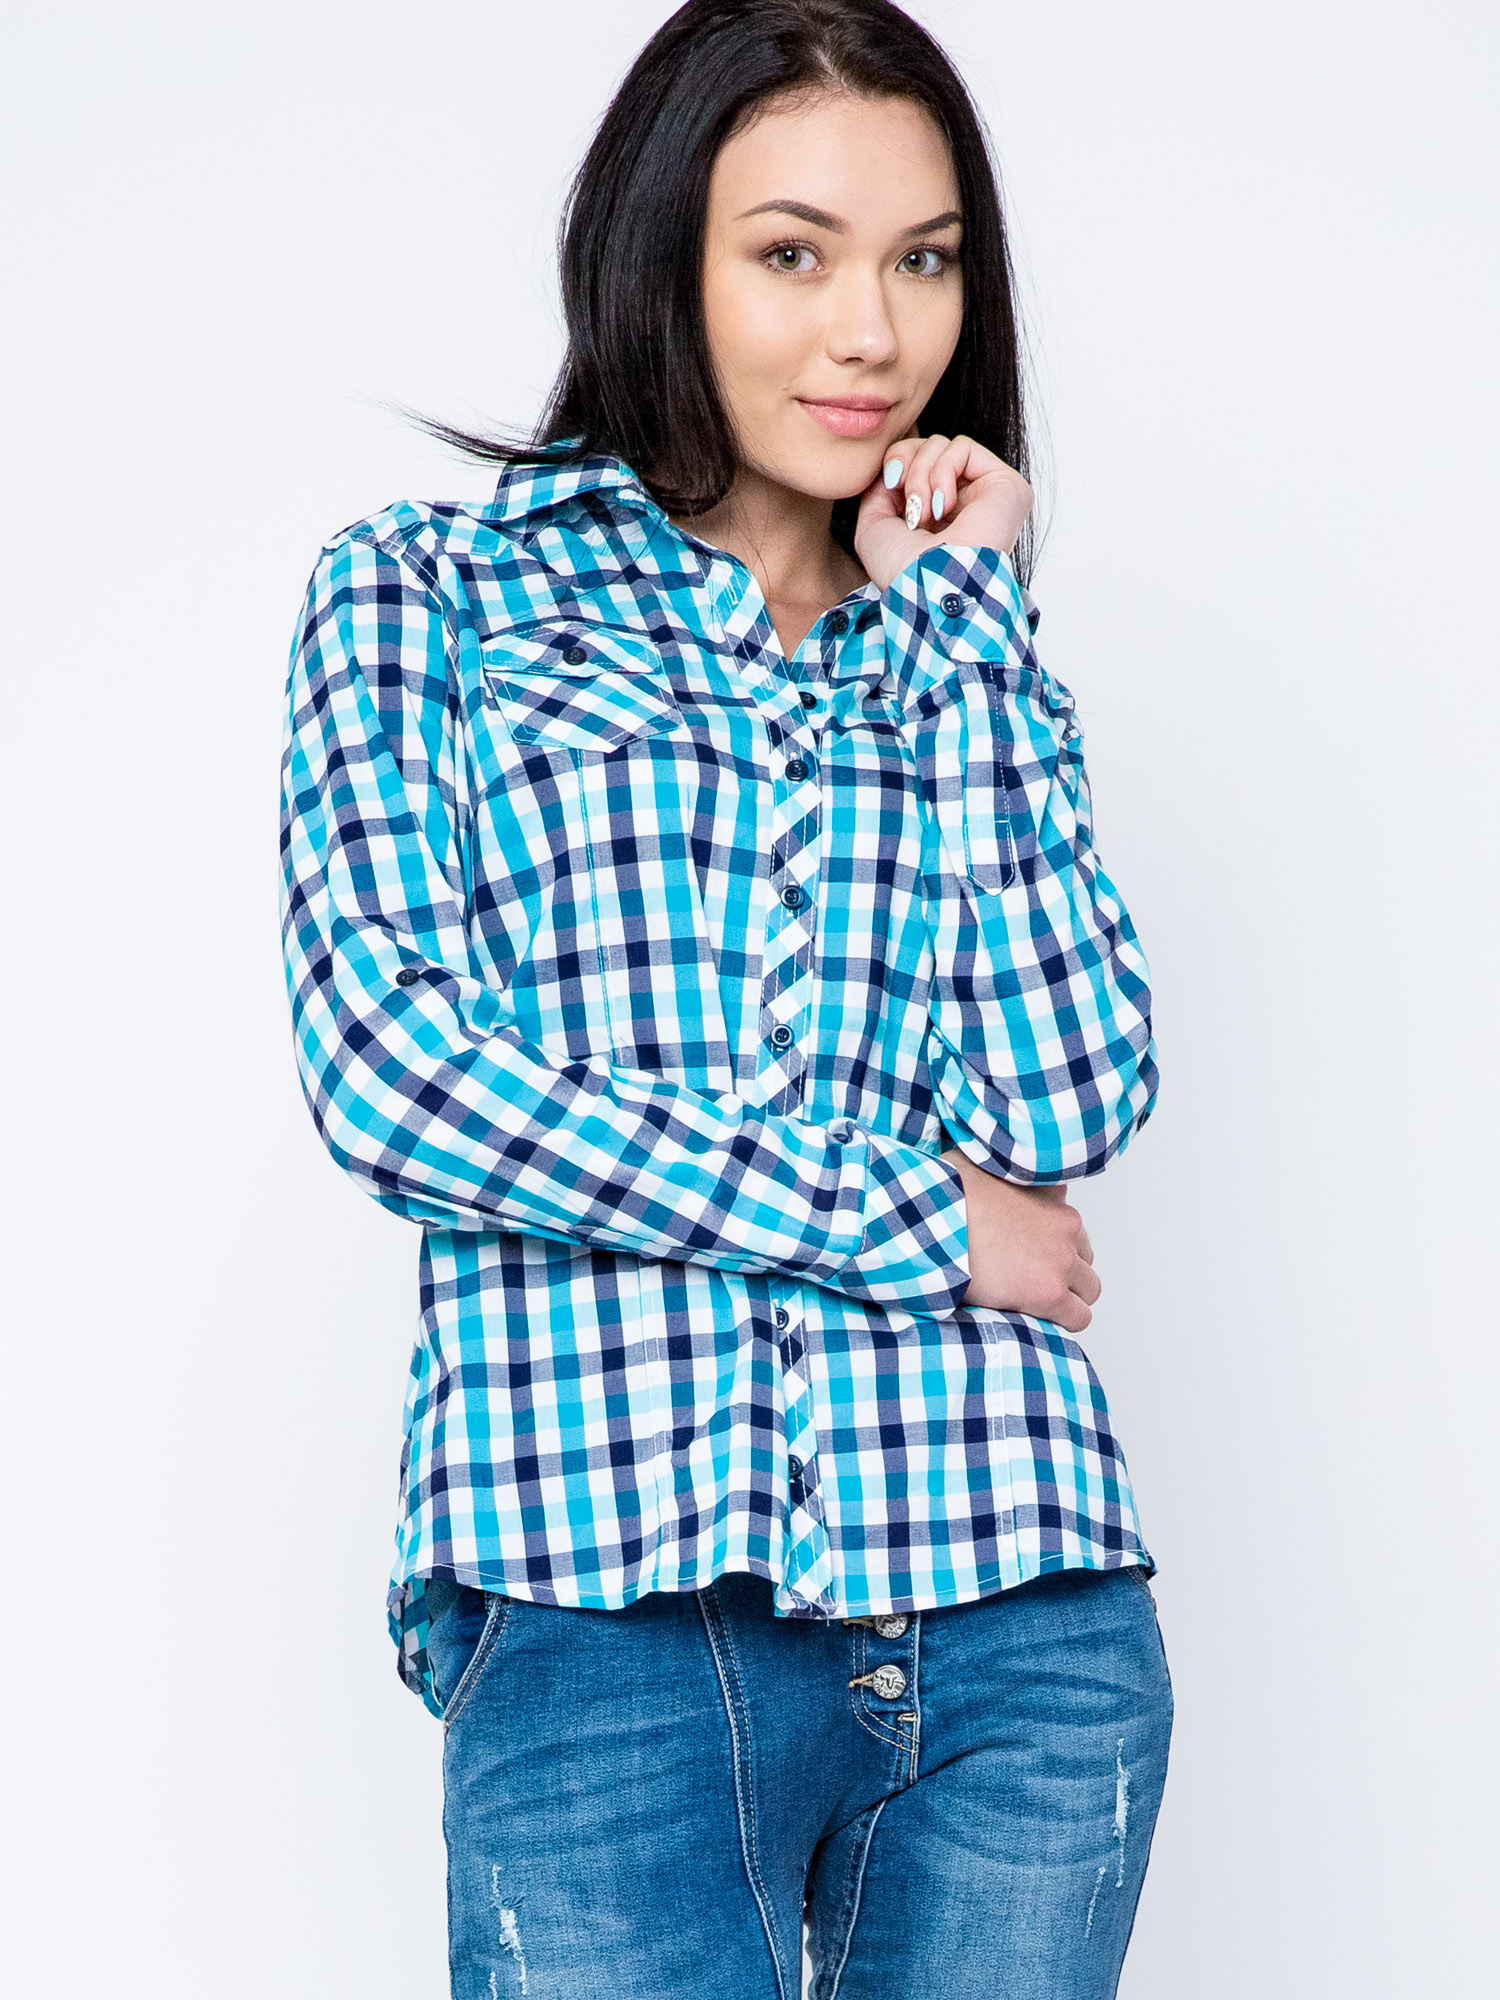 turkusowa koszula w kratkę